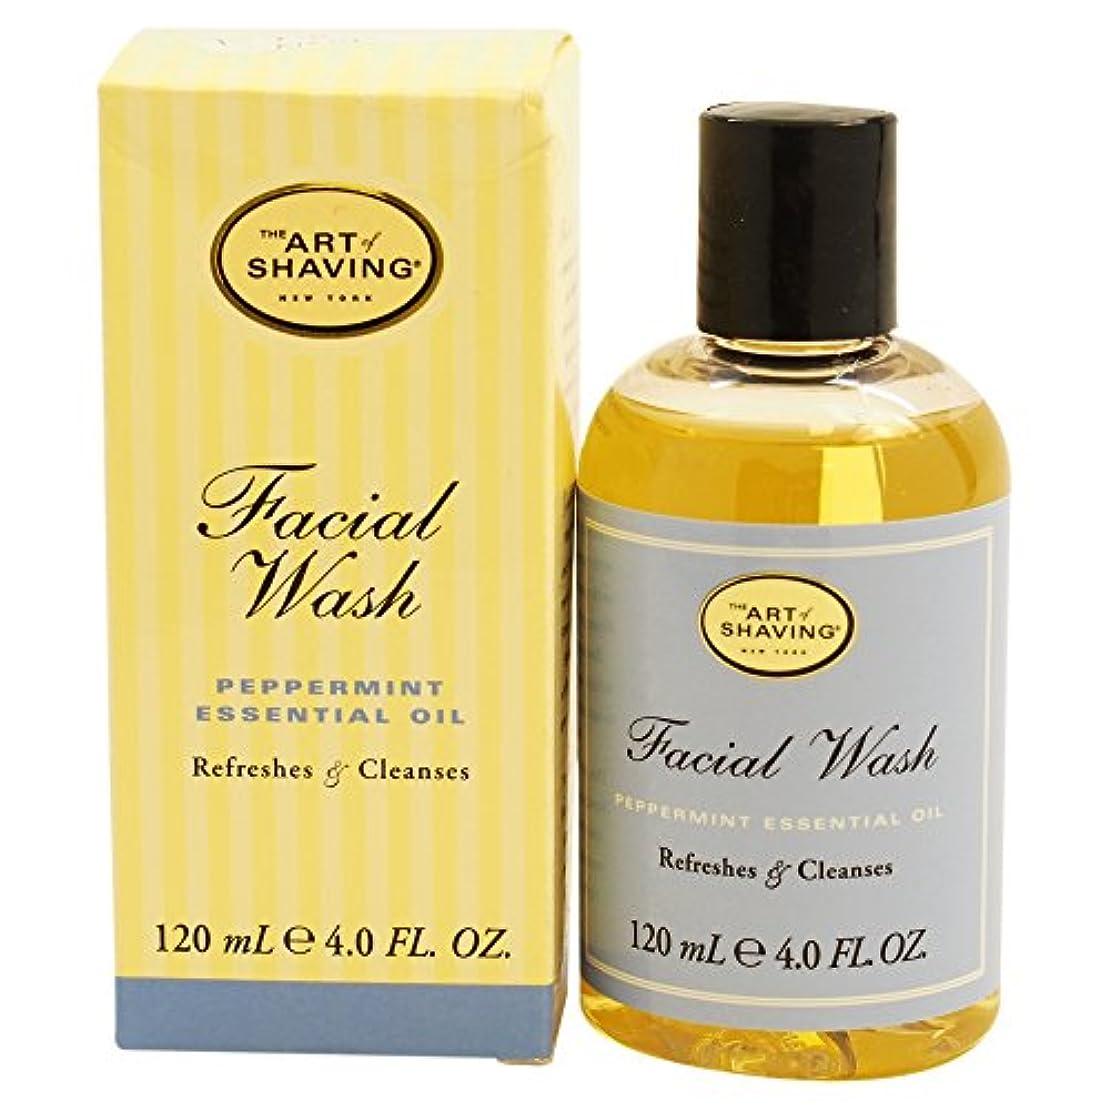 チャーターヘロイン湿ったThe Art Of Shaving Facial Wash With Peppermint Essential Oil (並行輸入品) [並行輸入品]